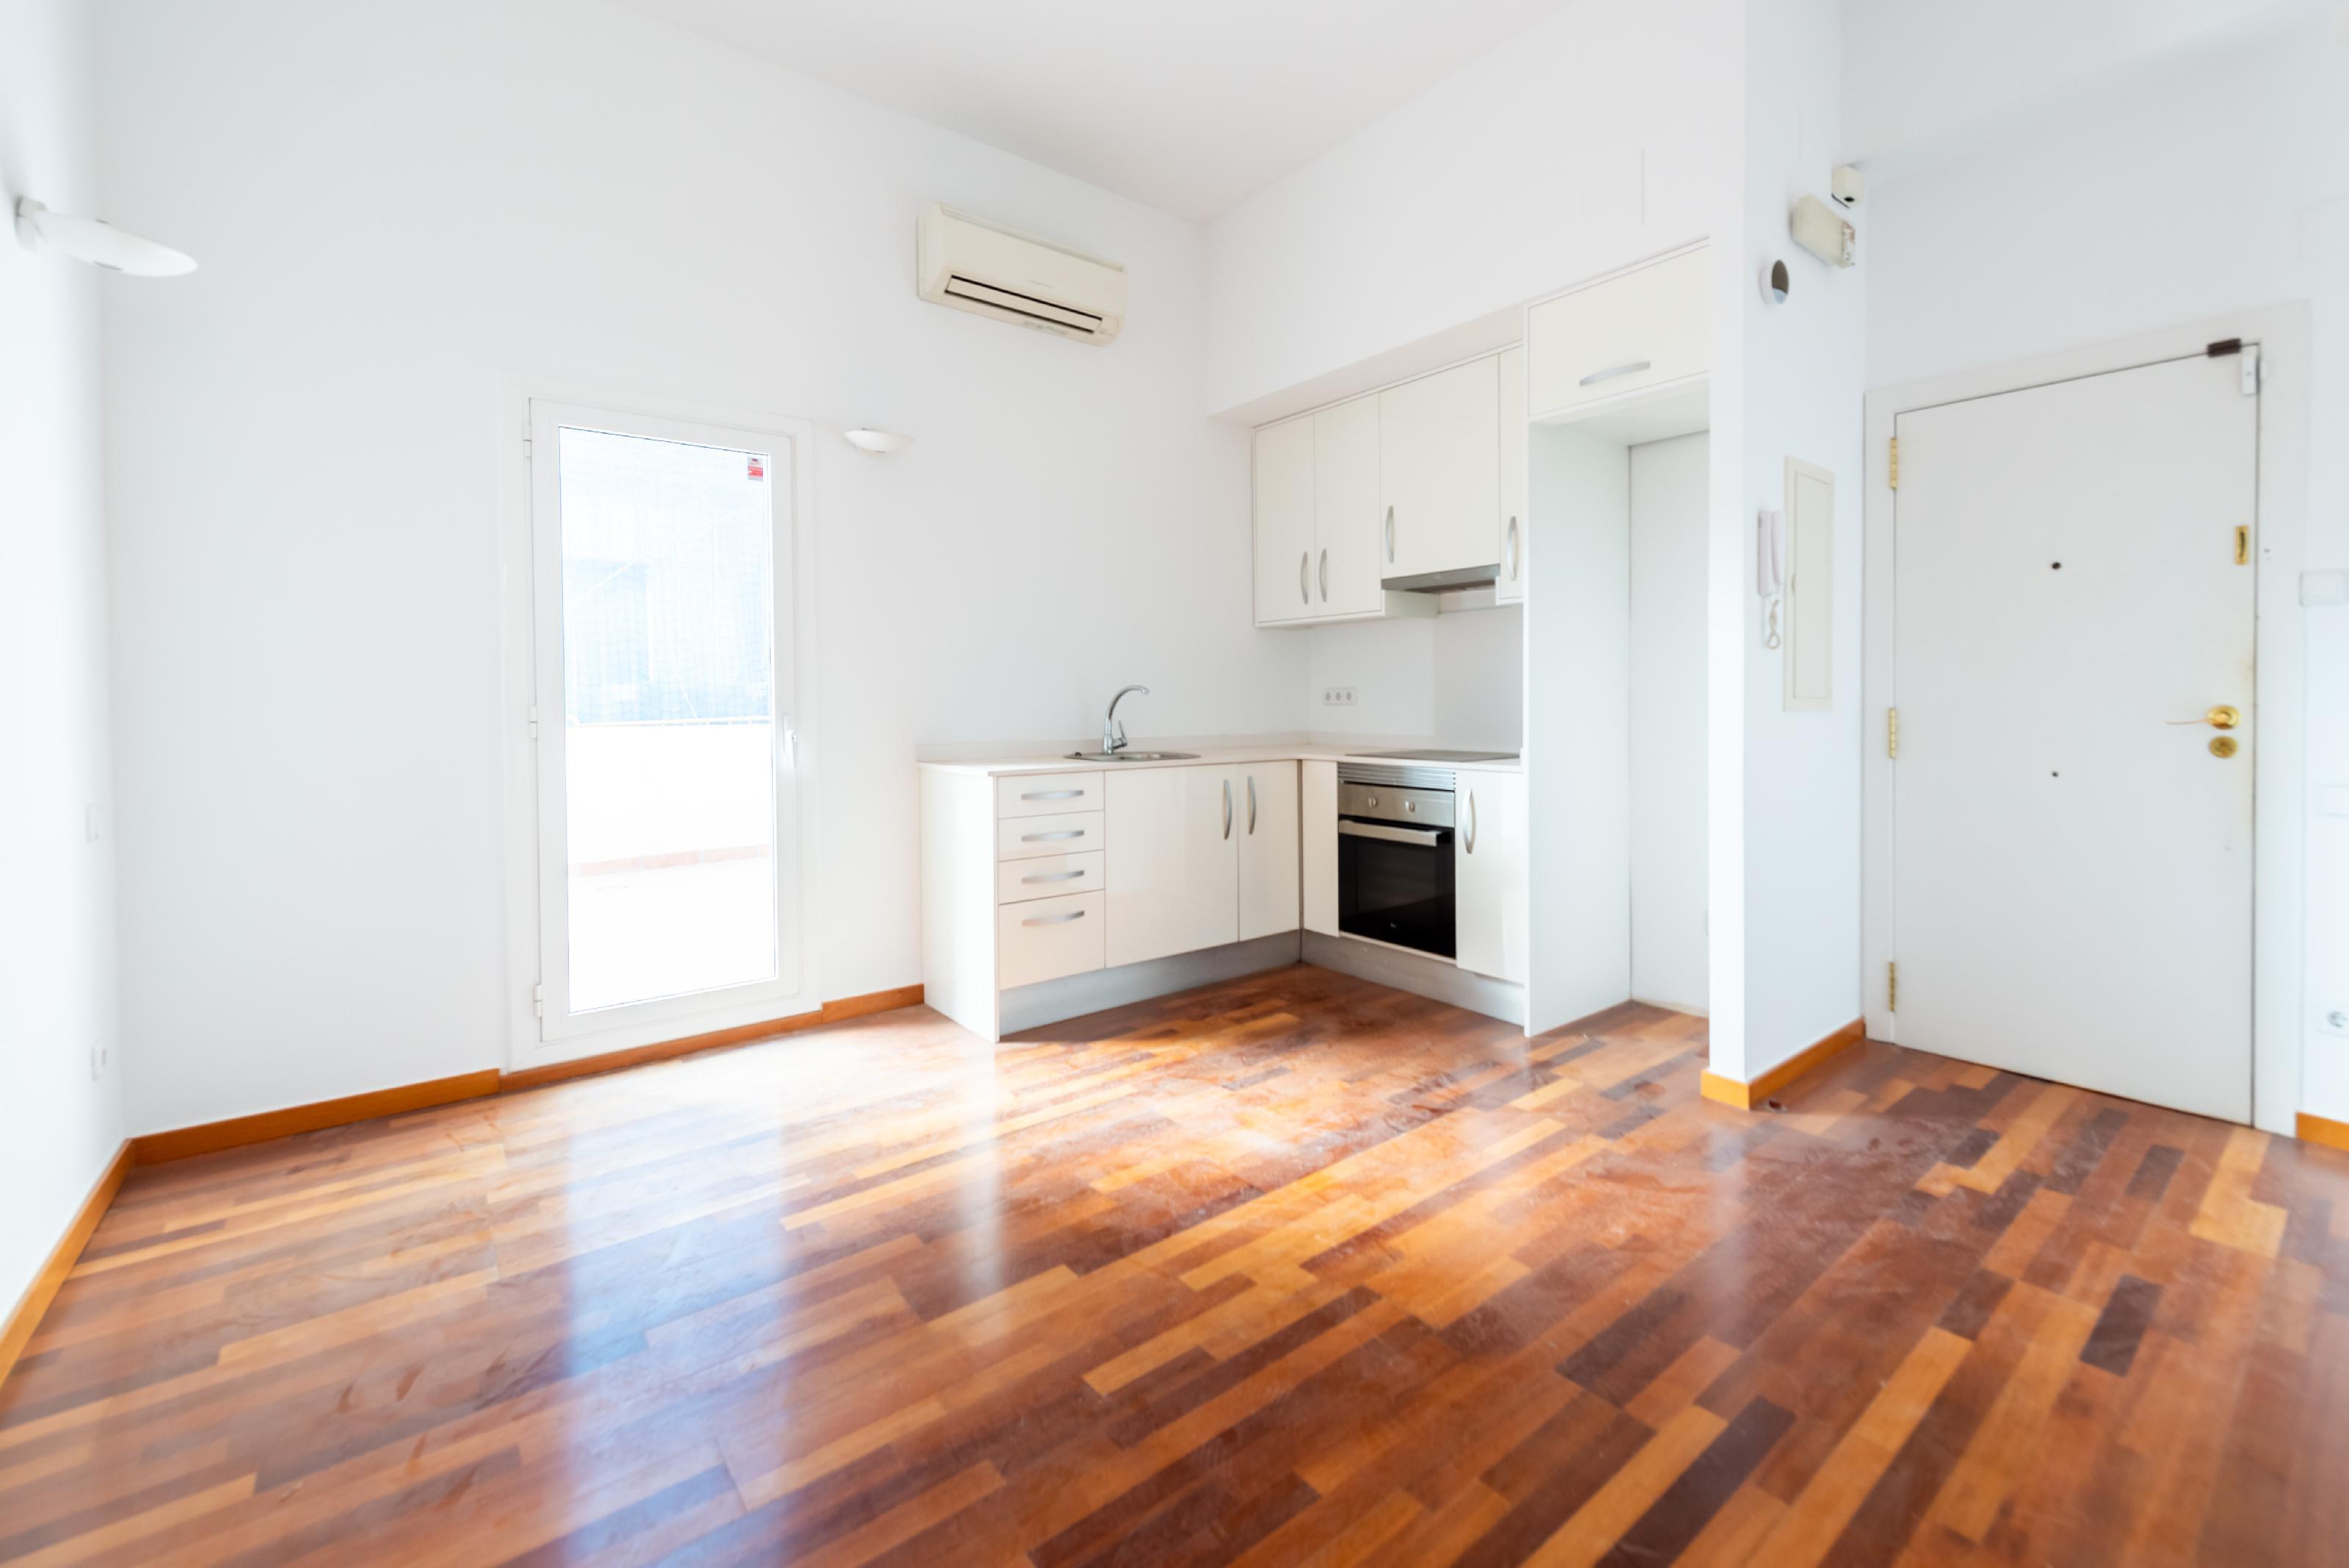 246065 Flat for sale in Sarrià-Sant Gervasi, Sarrià 10